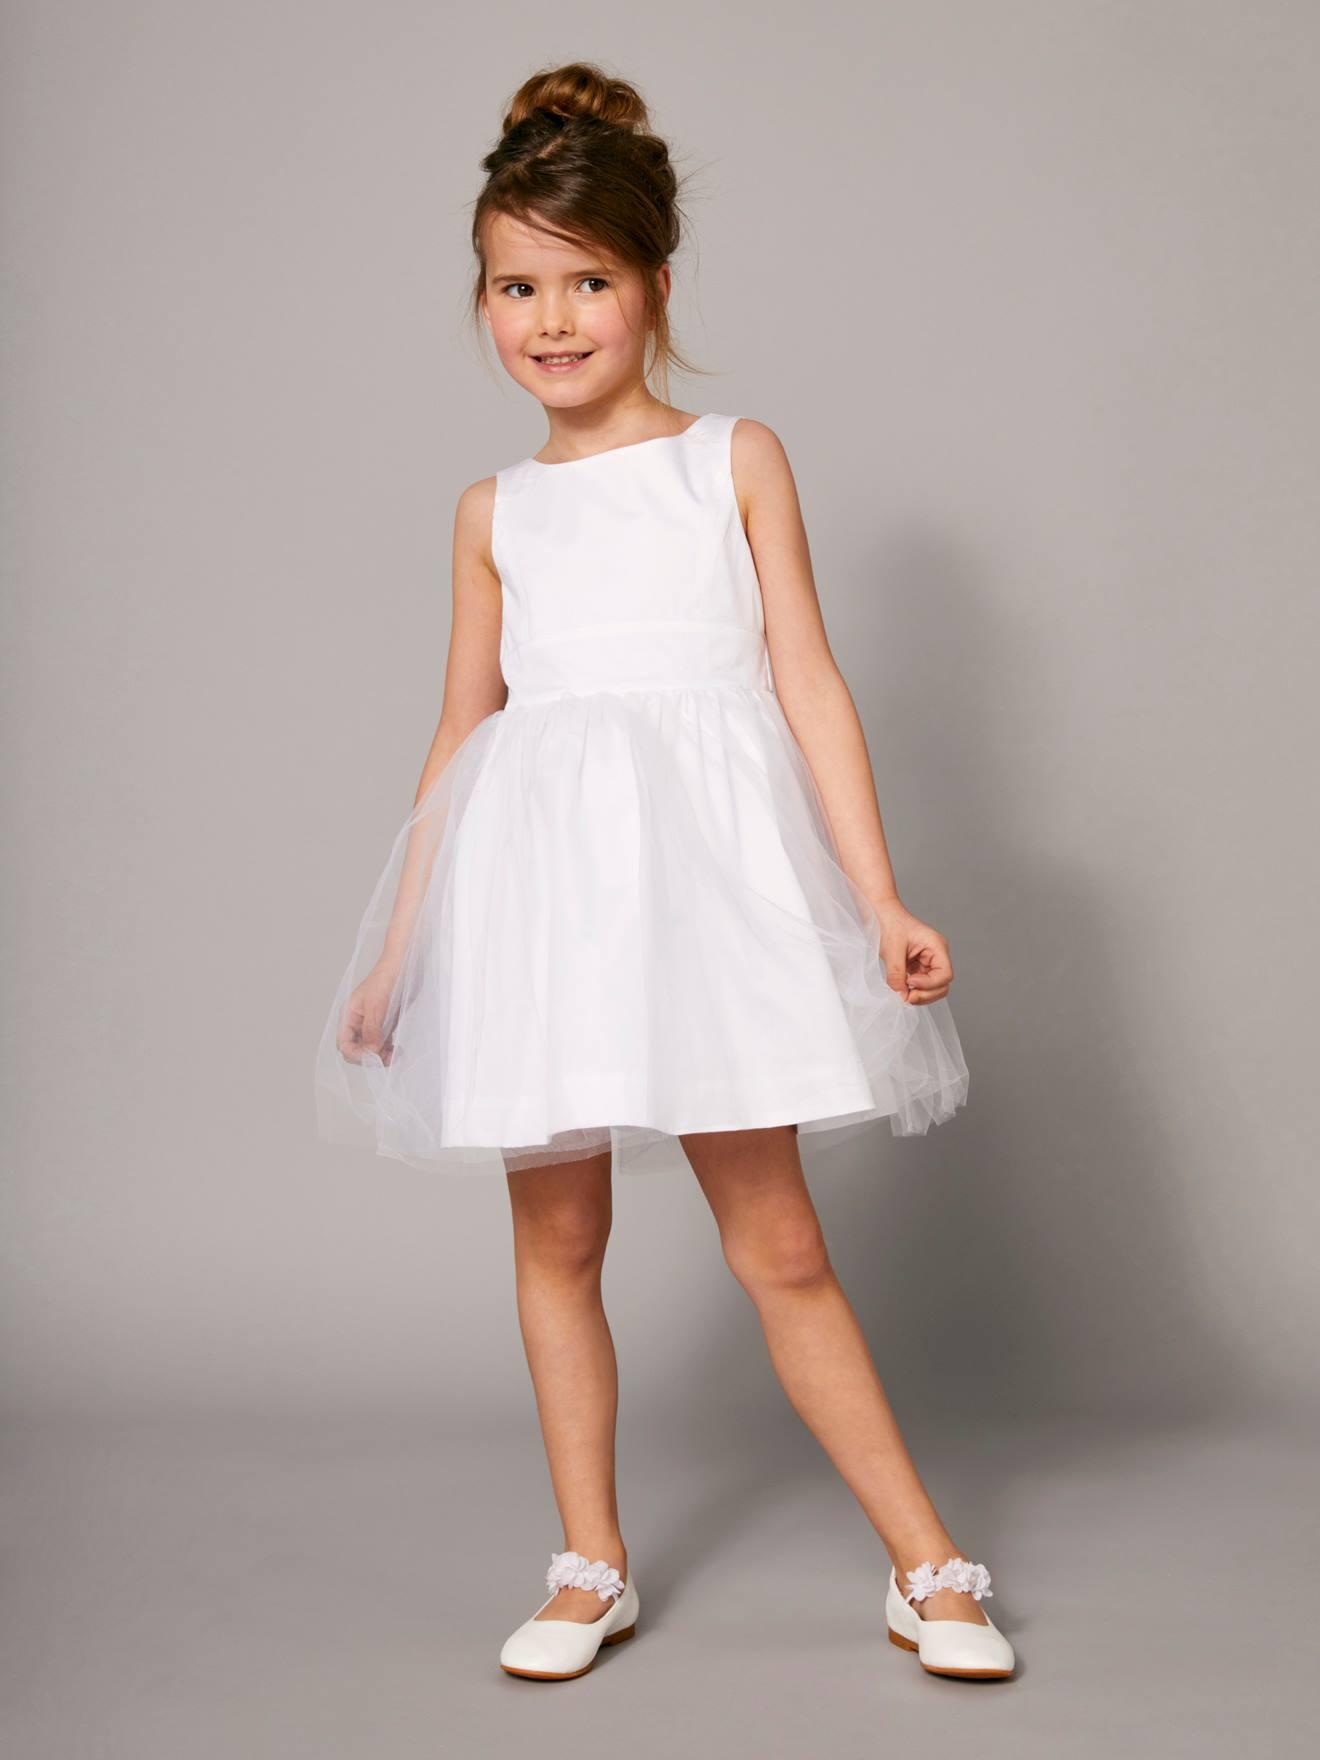 Maedchenkleidung Festliches Mädchenkleid, Satin Und Tüll